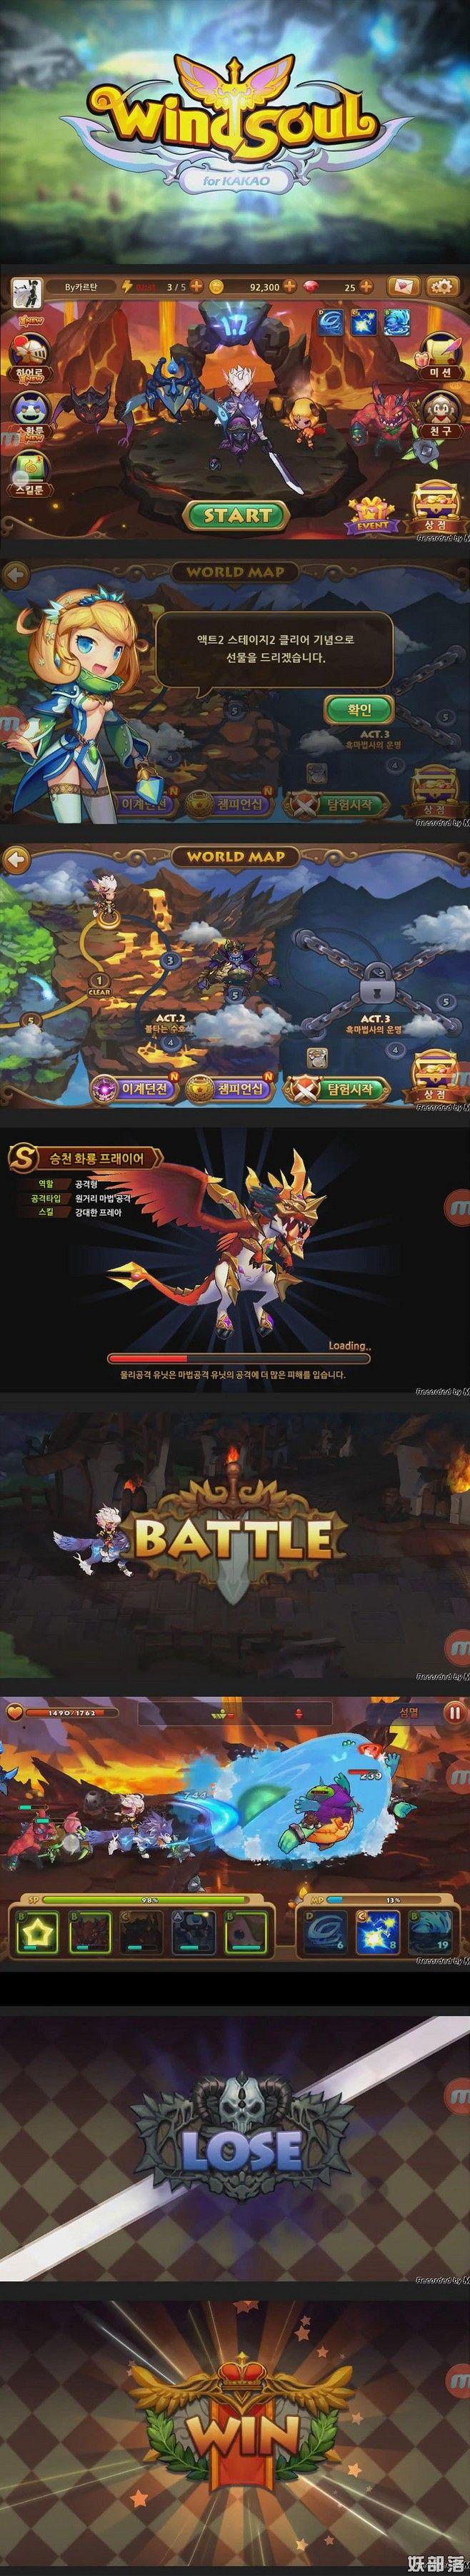 《风之魂》全景3D RPG 手游 - 妖...